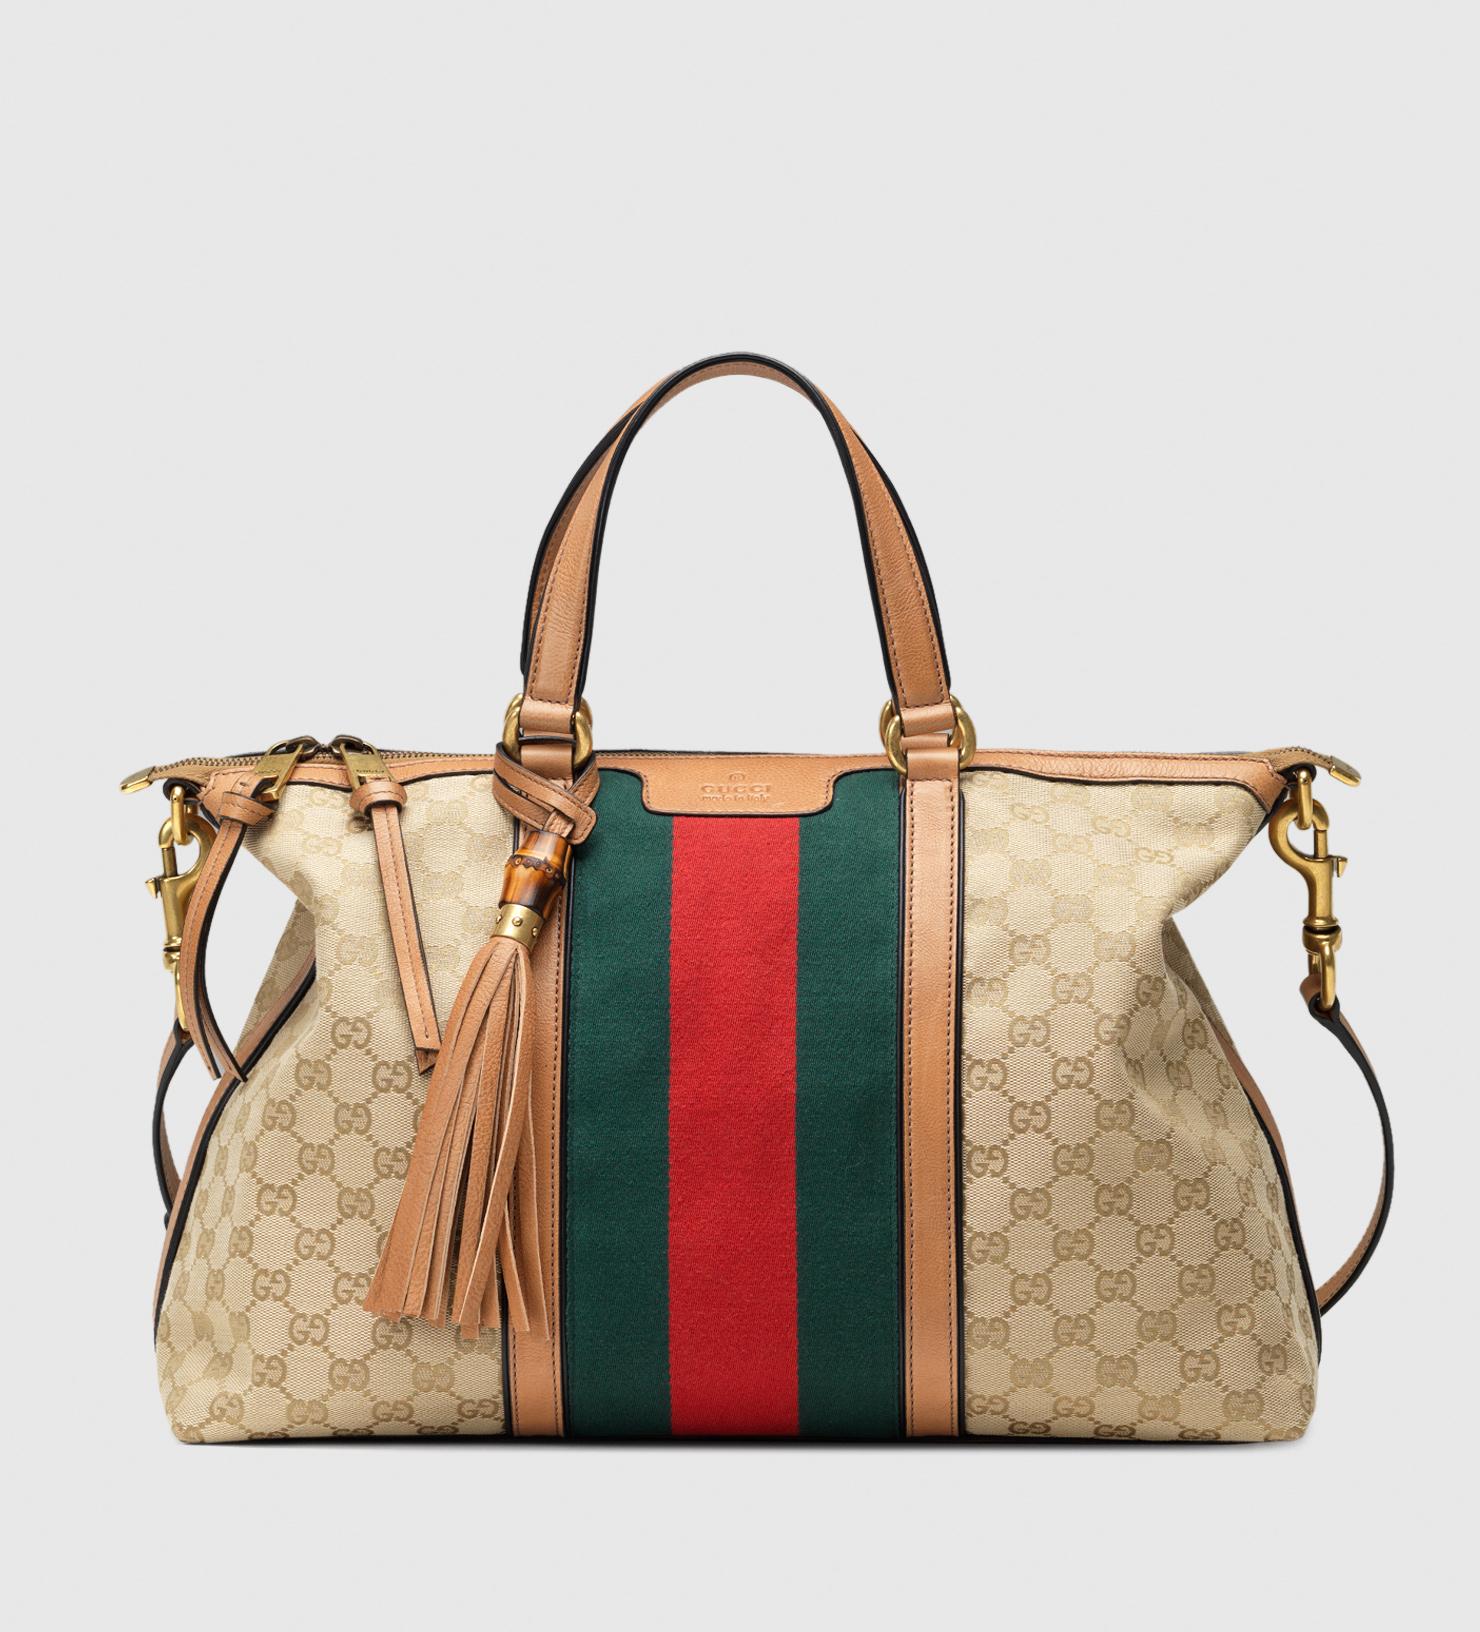 da98a271 Authentic Gucci Handbags